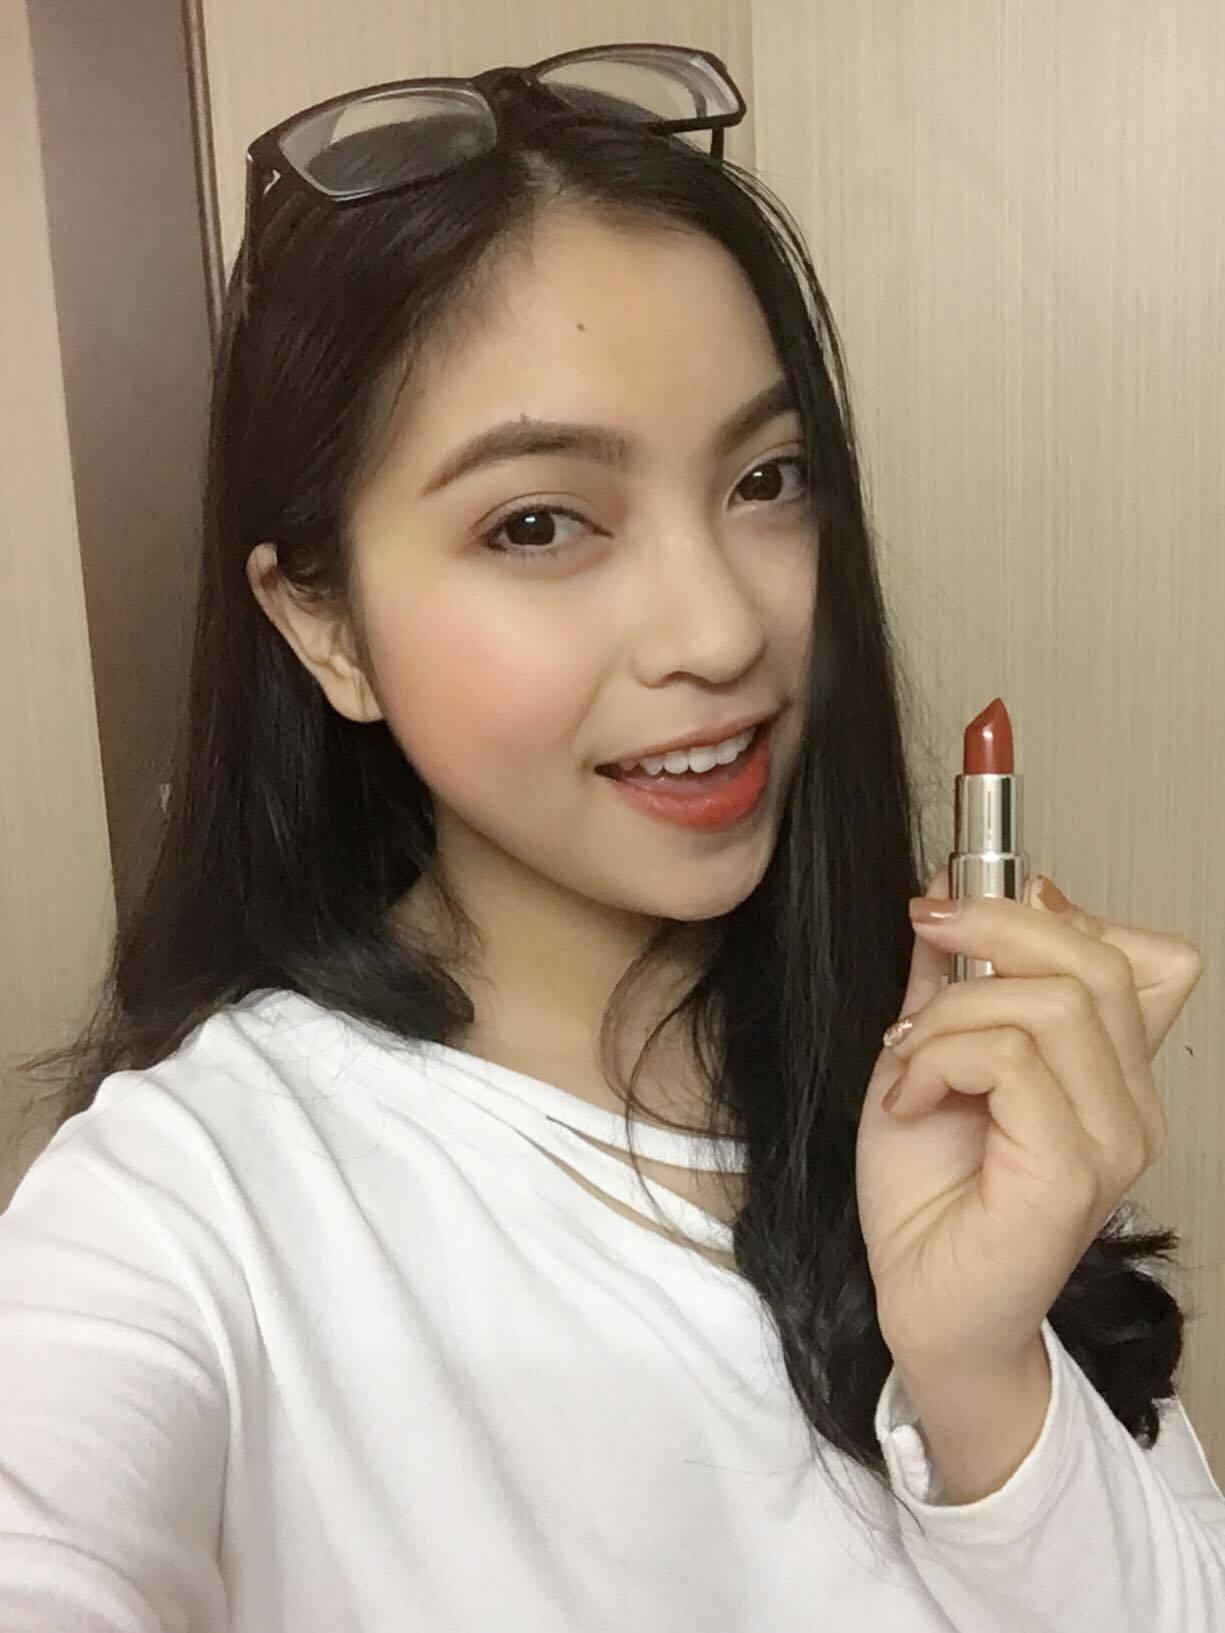 Bạn gái hot girl gửi lời chúc Quang Hải thành công ở trận chung kết